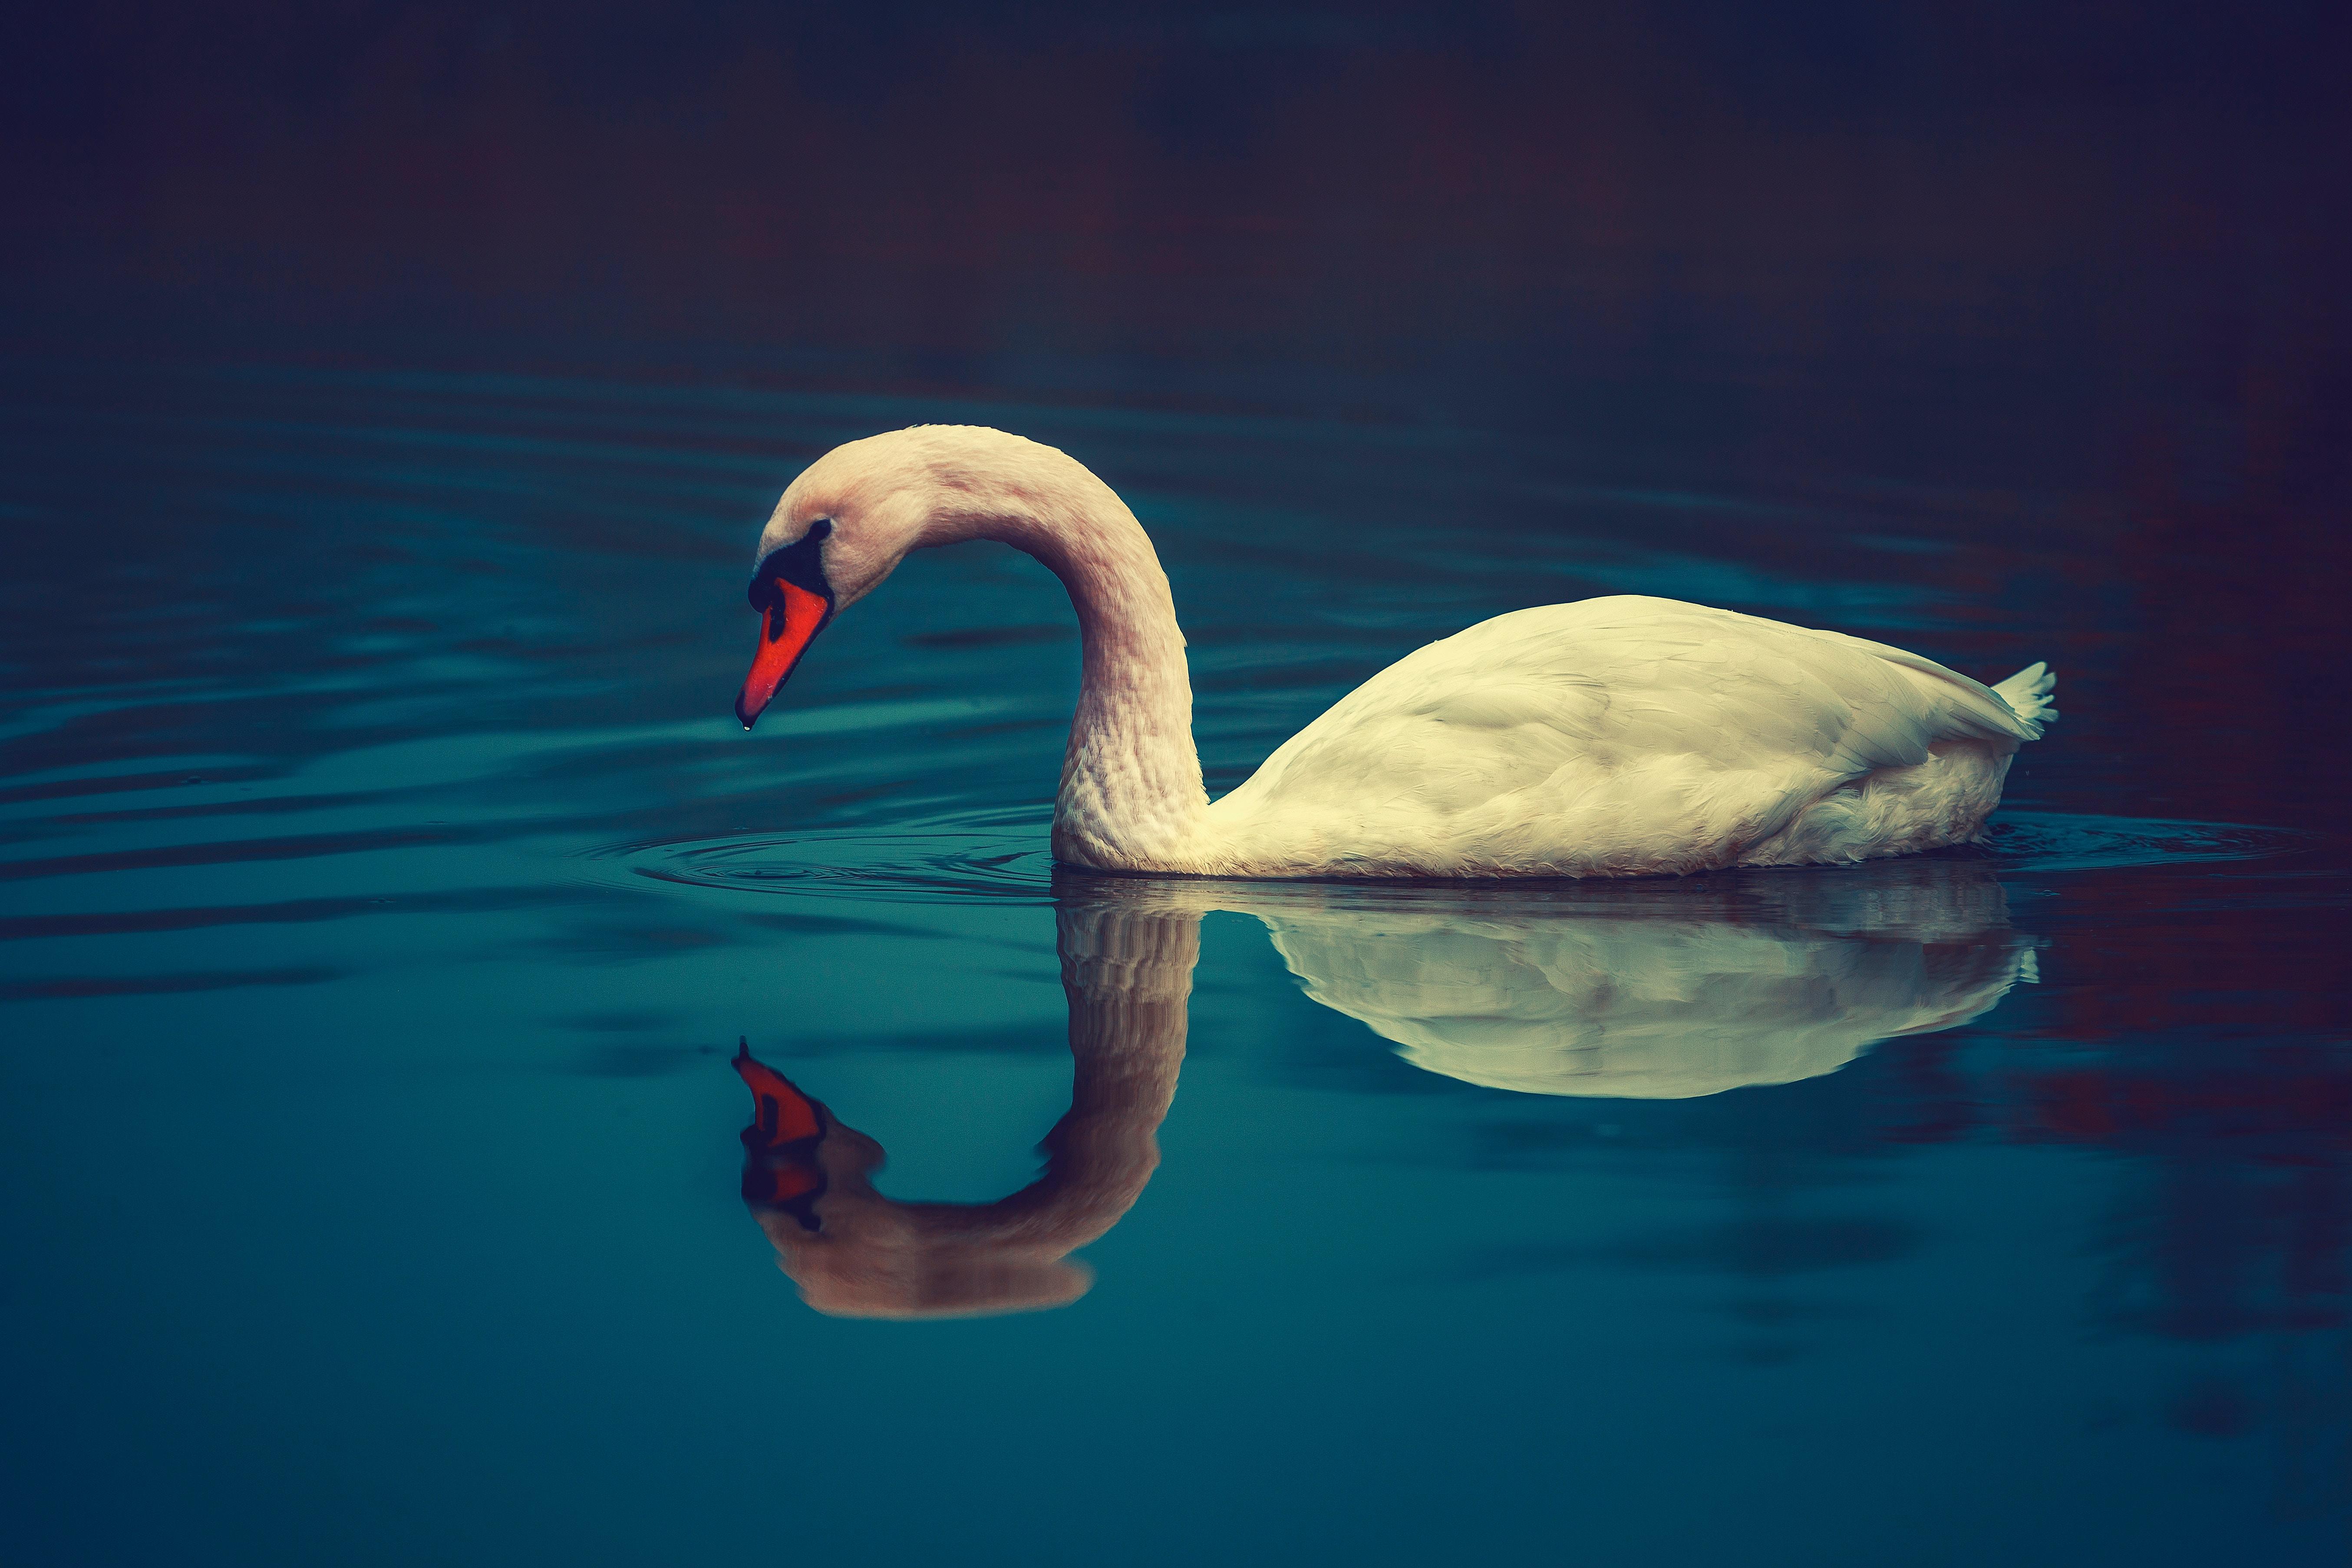 58266 Hintergrundbild herunterladen Tiere, Wasser, Schwimmen, Vogel, Schnabel, Schwan - Bildschirmschoner und Bilder kostenlos